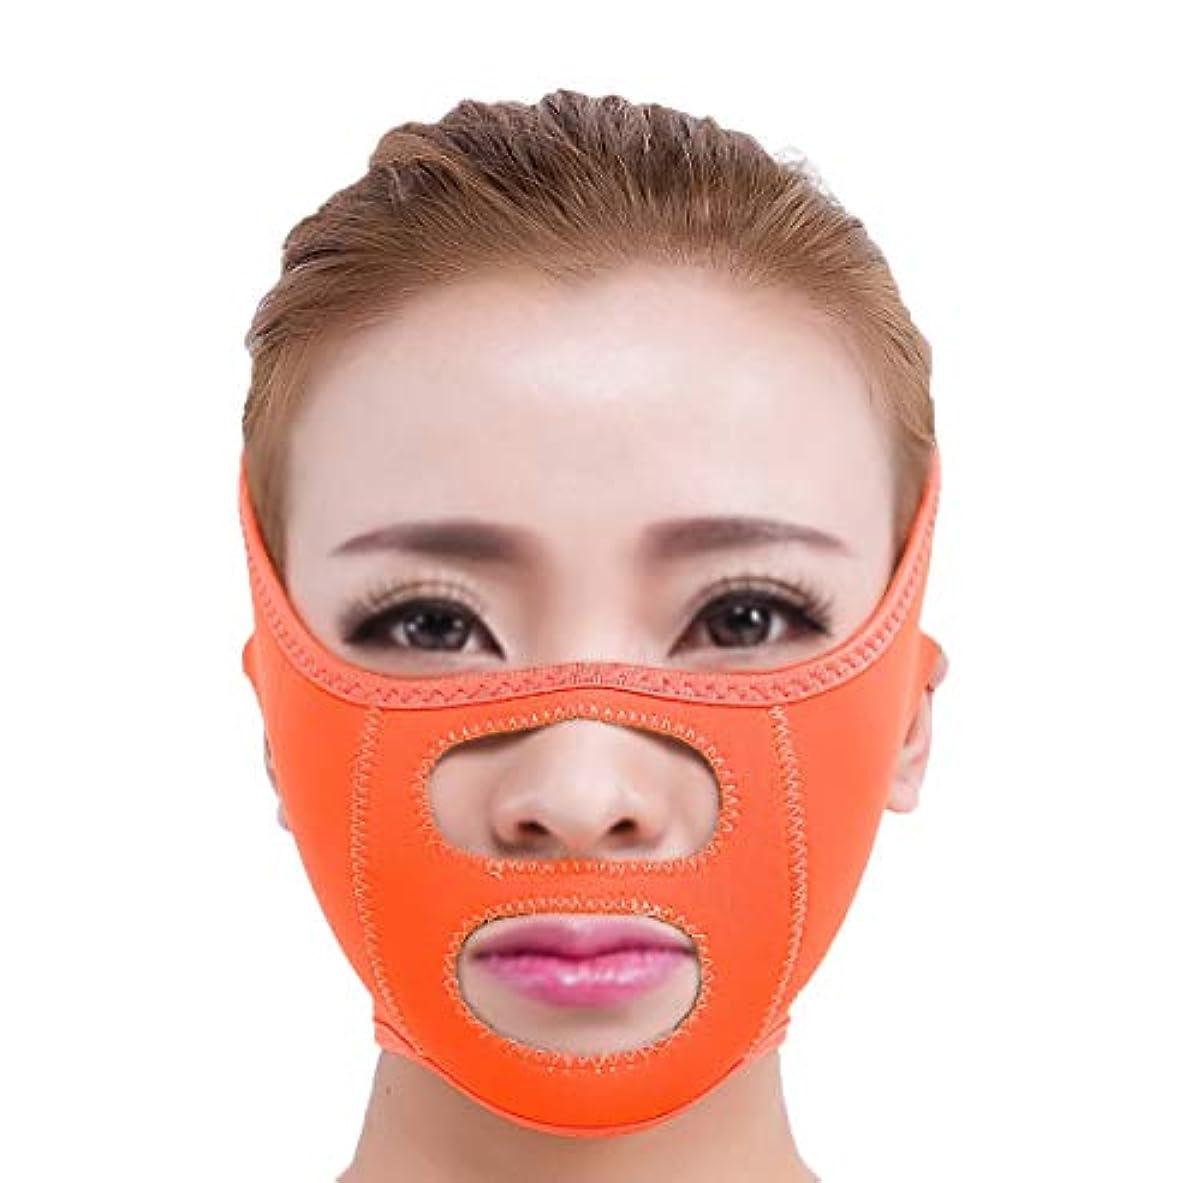 恐怖症演じる泥GLJJQMY スリムベルトマスク薄い顔マスク睡眠薄い顔マスク薄い顔包帯薄い顔アーティファクト薄い顔薄い顔薄い顔小さいV顔睡眠薄い顔ベルト 顔用整形マスク (Color : Blue)